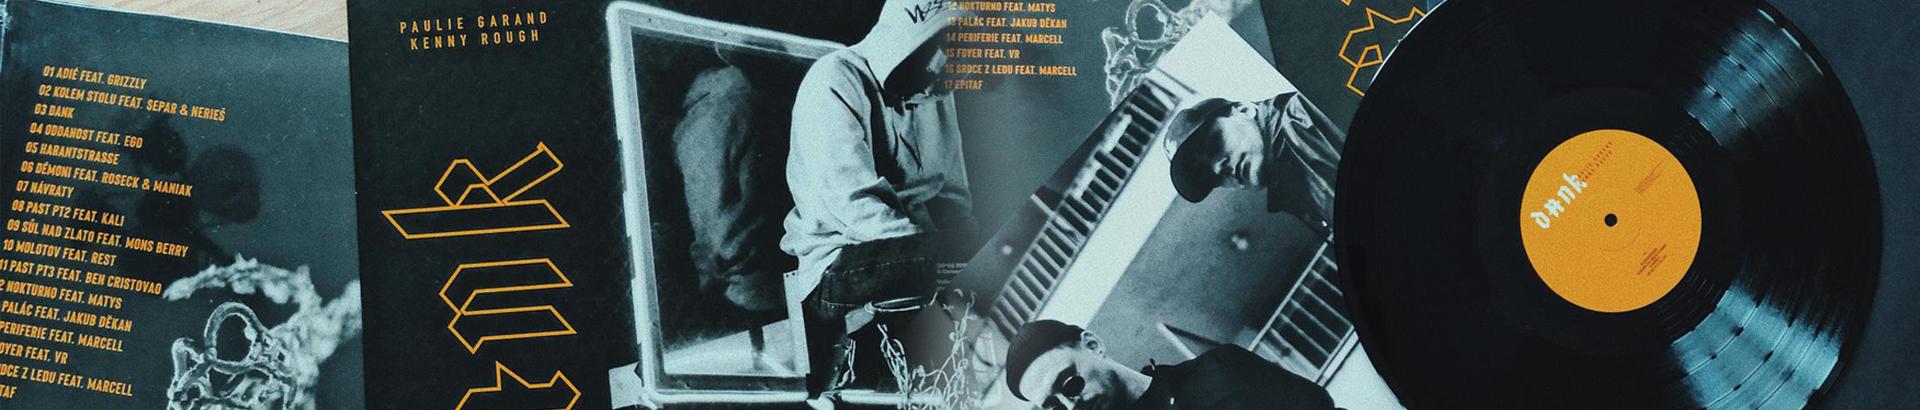 Dank Vinyl